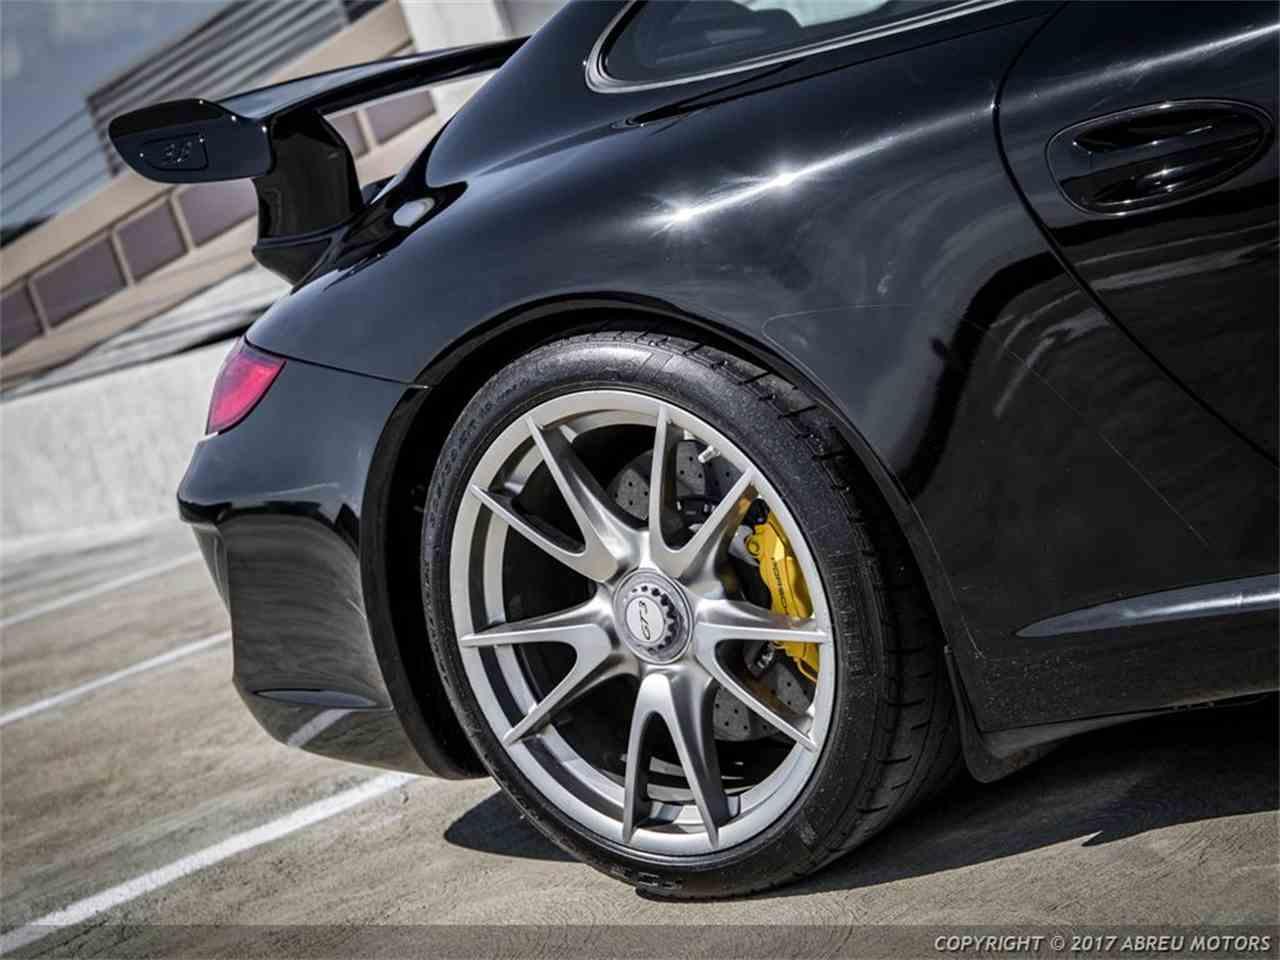 Large Picture of 2011 Porsche 911 GT3 Auction Vehicle Offered by Abreu Motors - L3QR